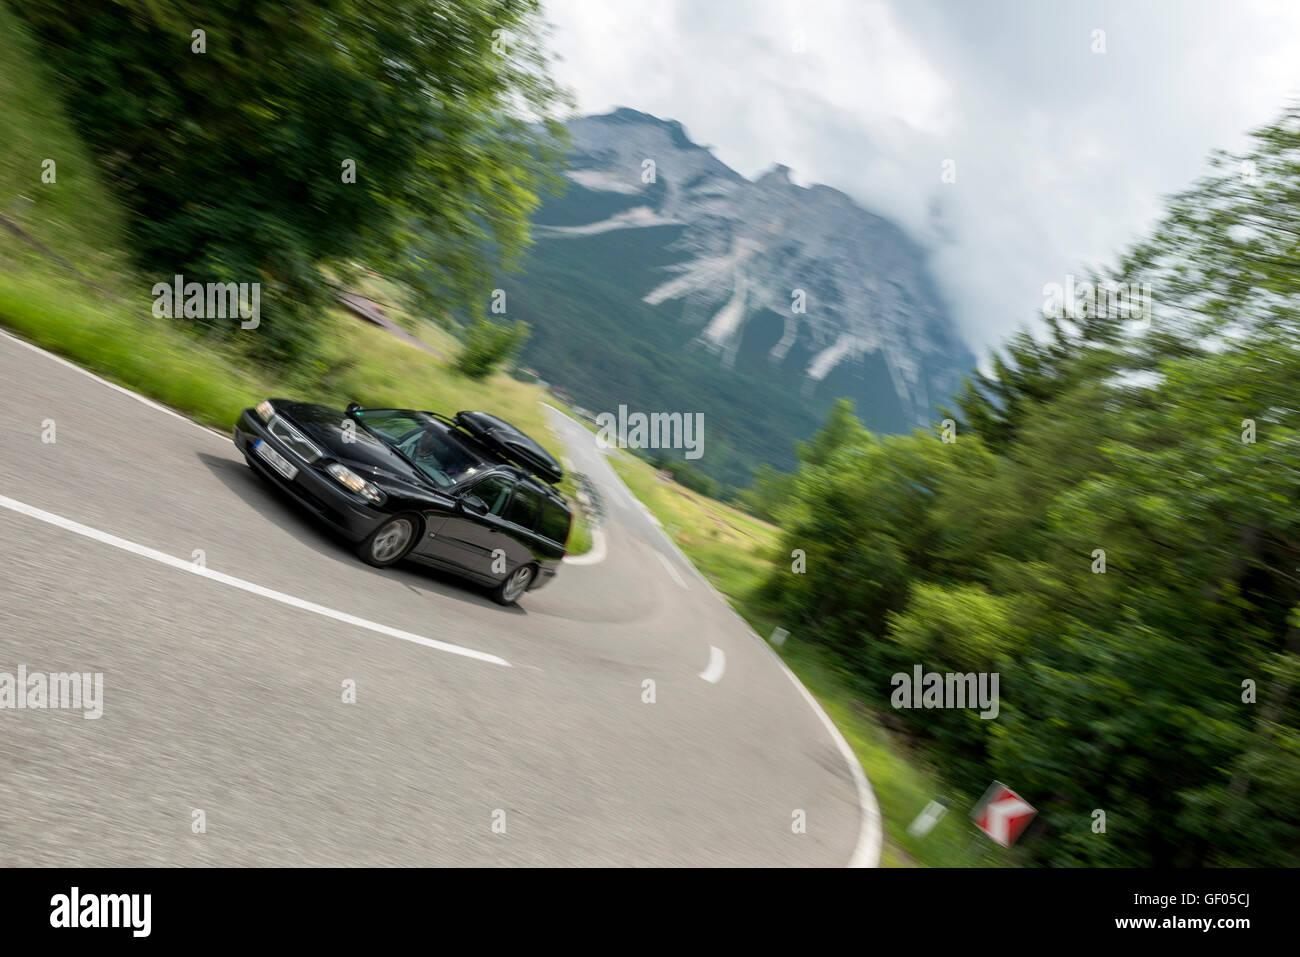 Volvo Break on Tyrolese Road, Austria - Stock Image